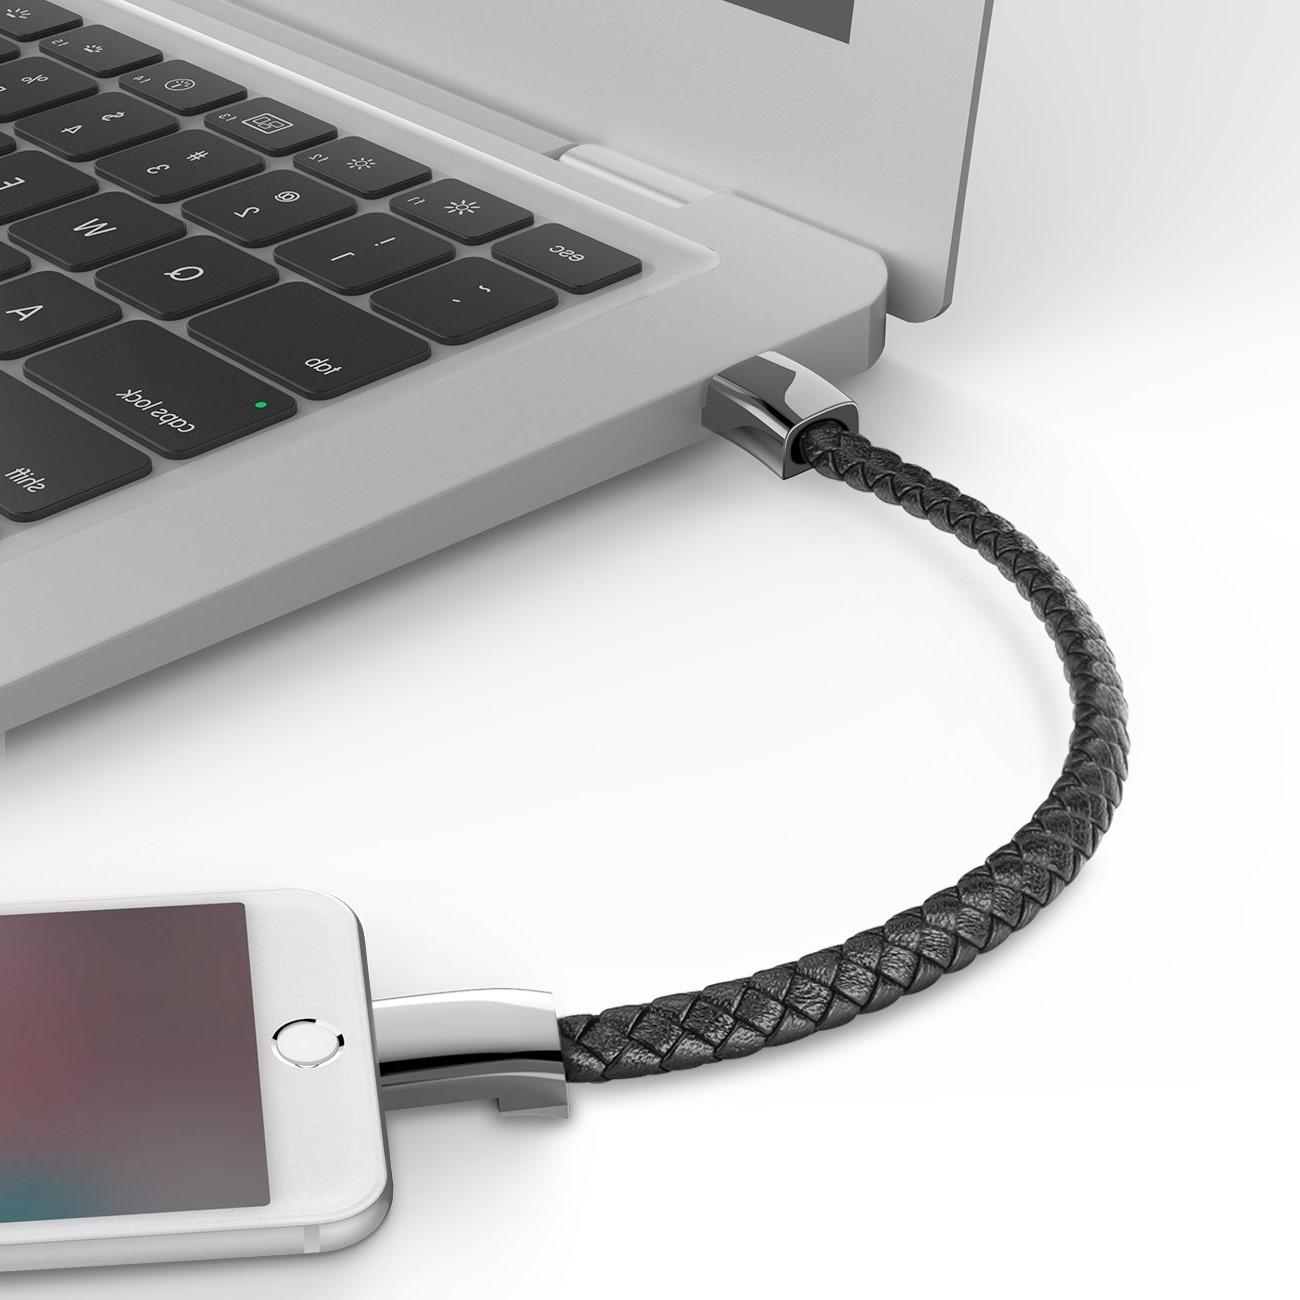 Bracelet 2 en 1 avec chargeur de téléphone.